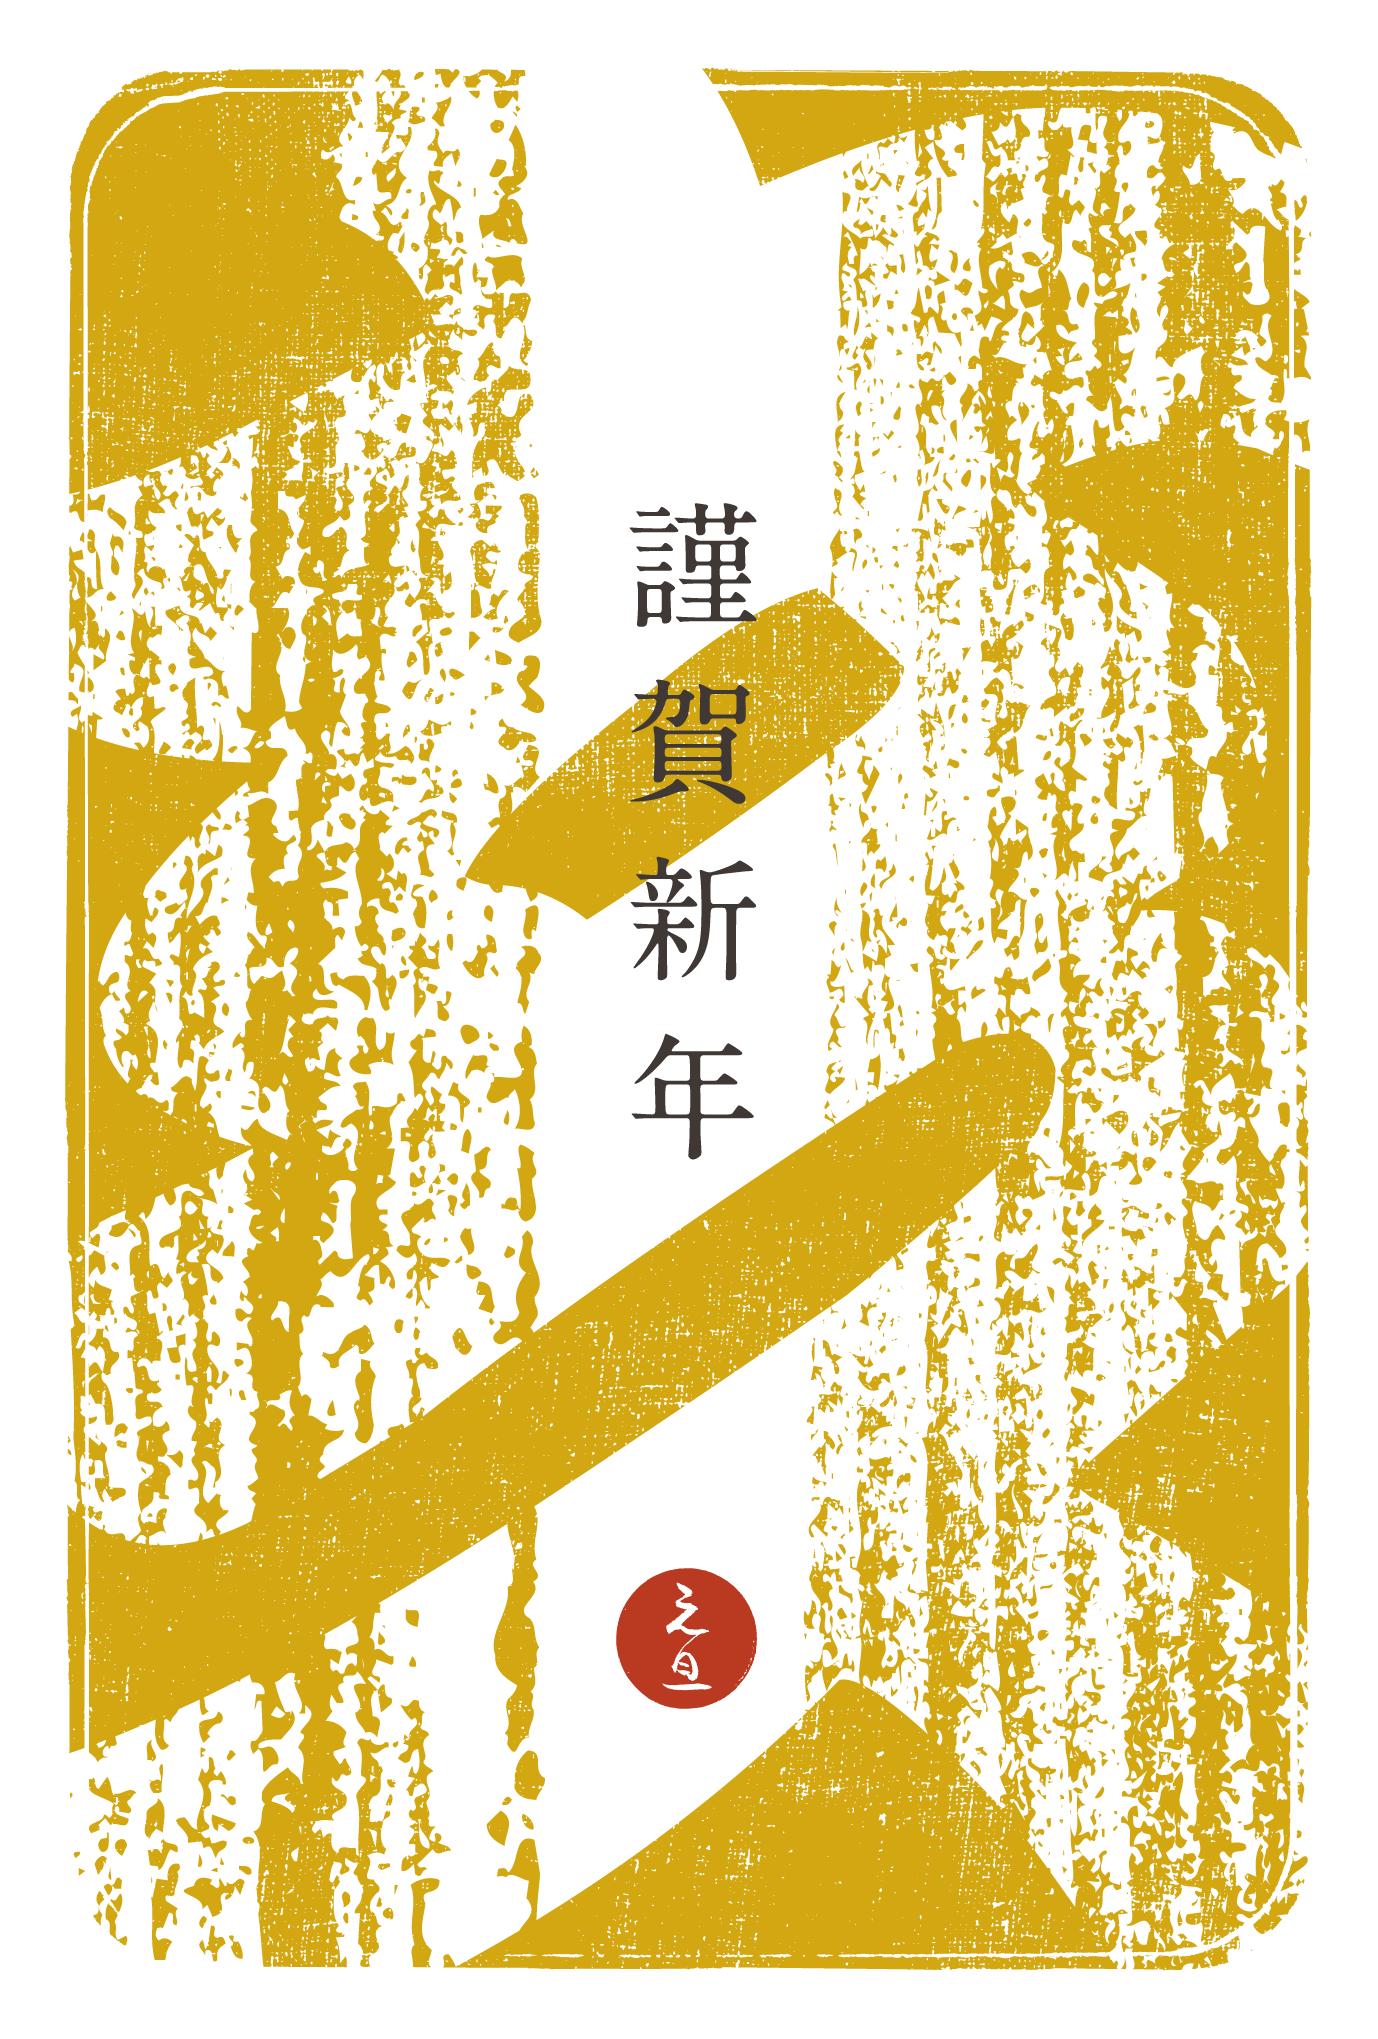 2019年賀状04-2:江戸勘亭流(亥)芥子色のダウンロード画像